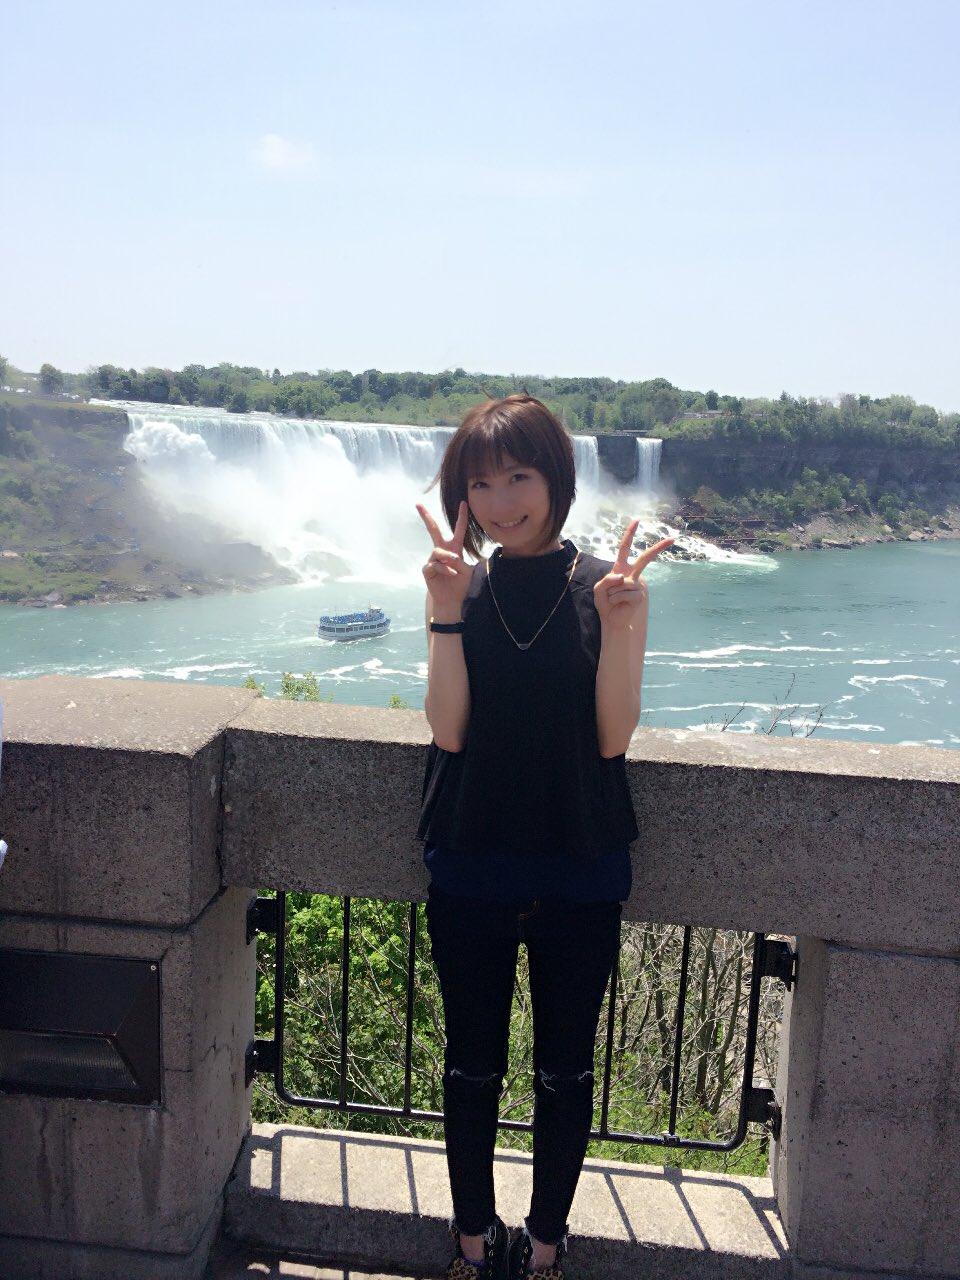 성우 안자이 치카씨의 사진, 나이아가라 폭포에서 ..